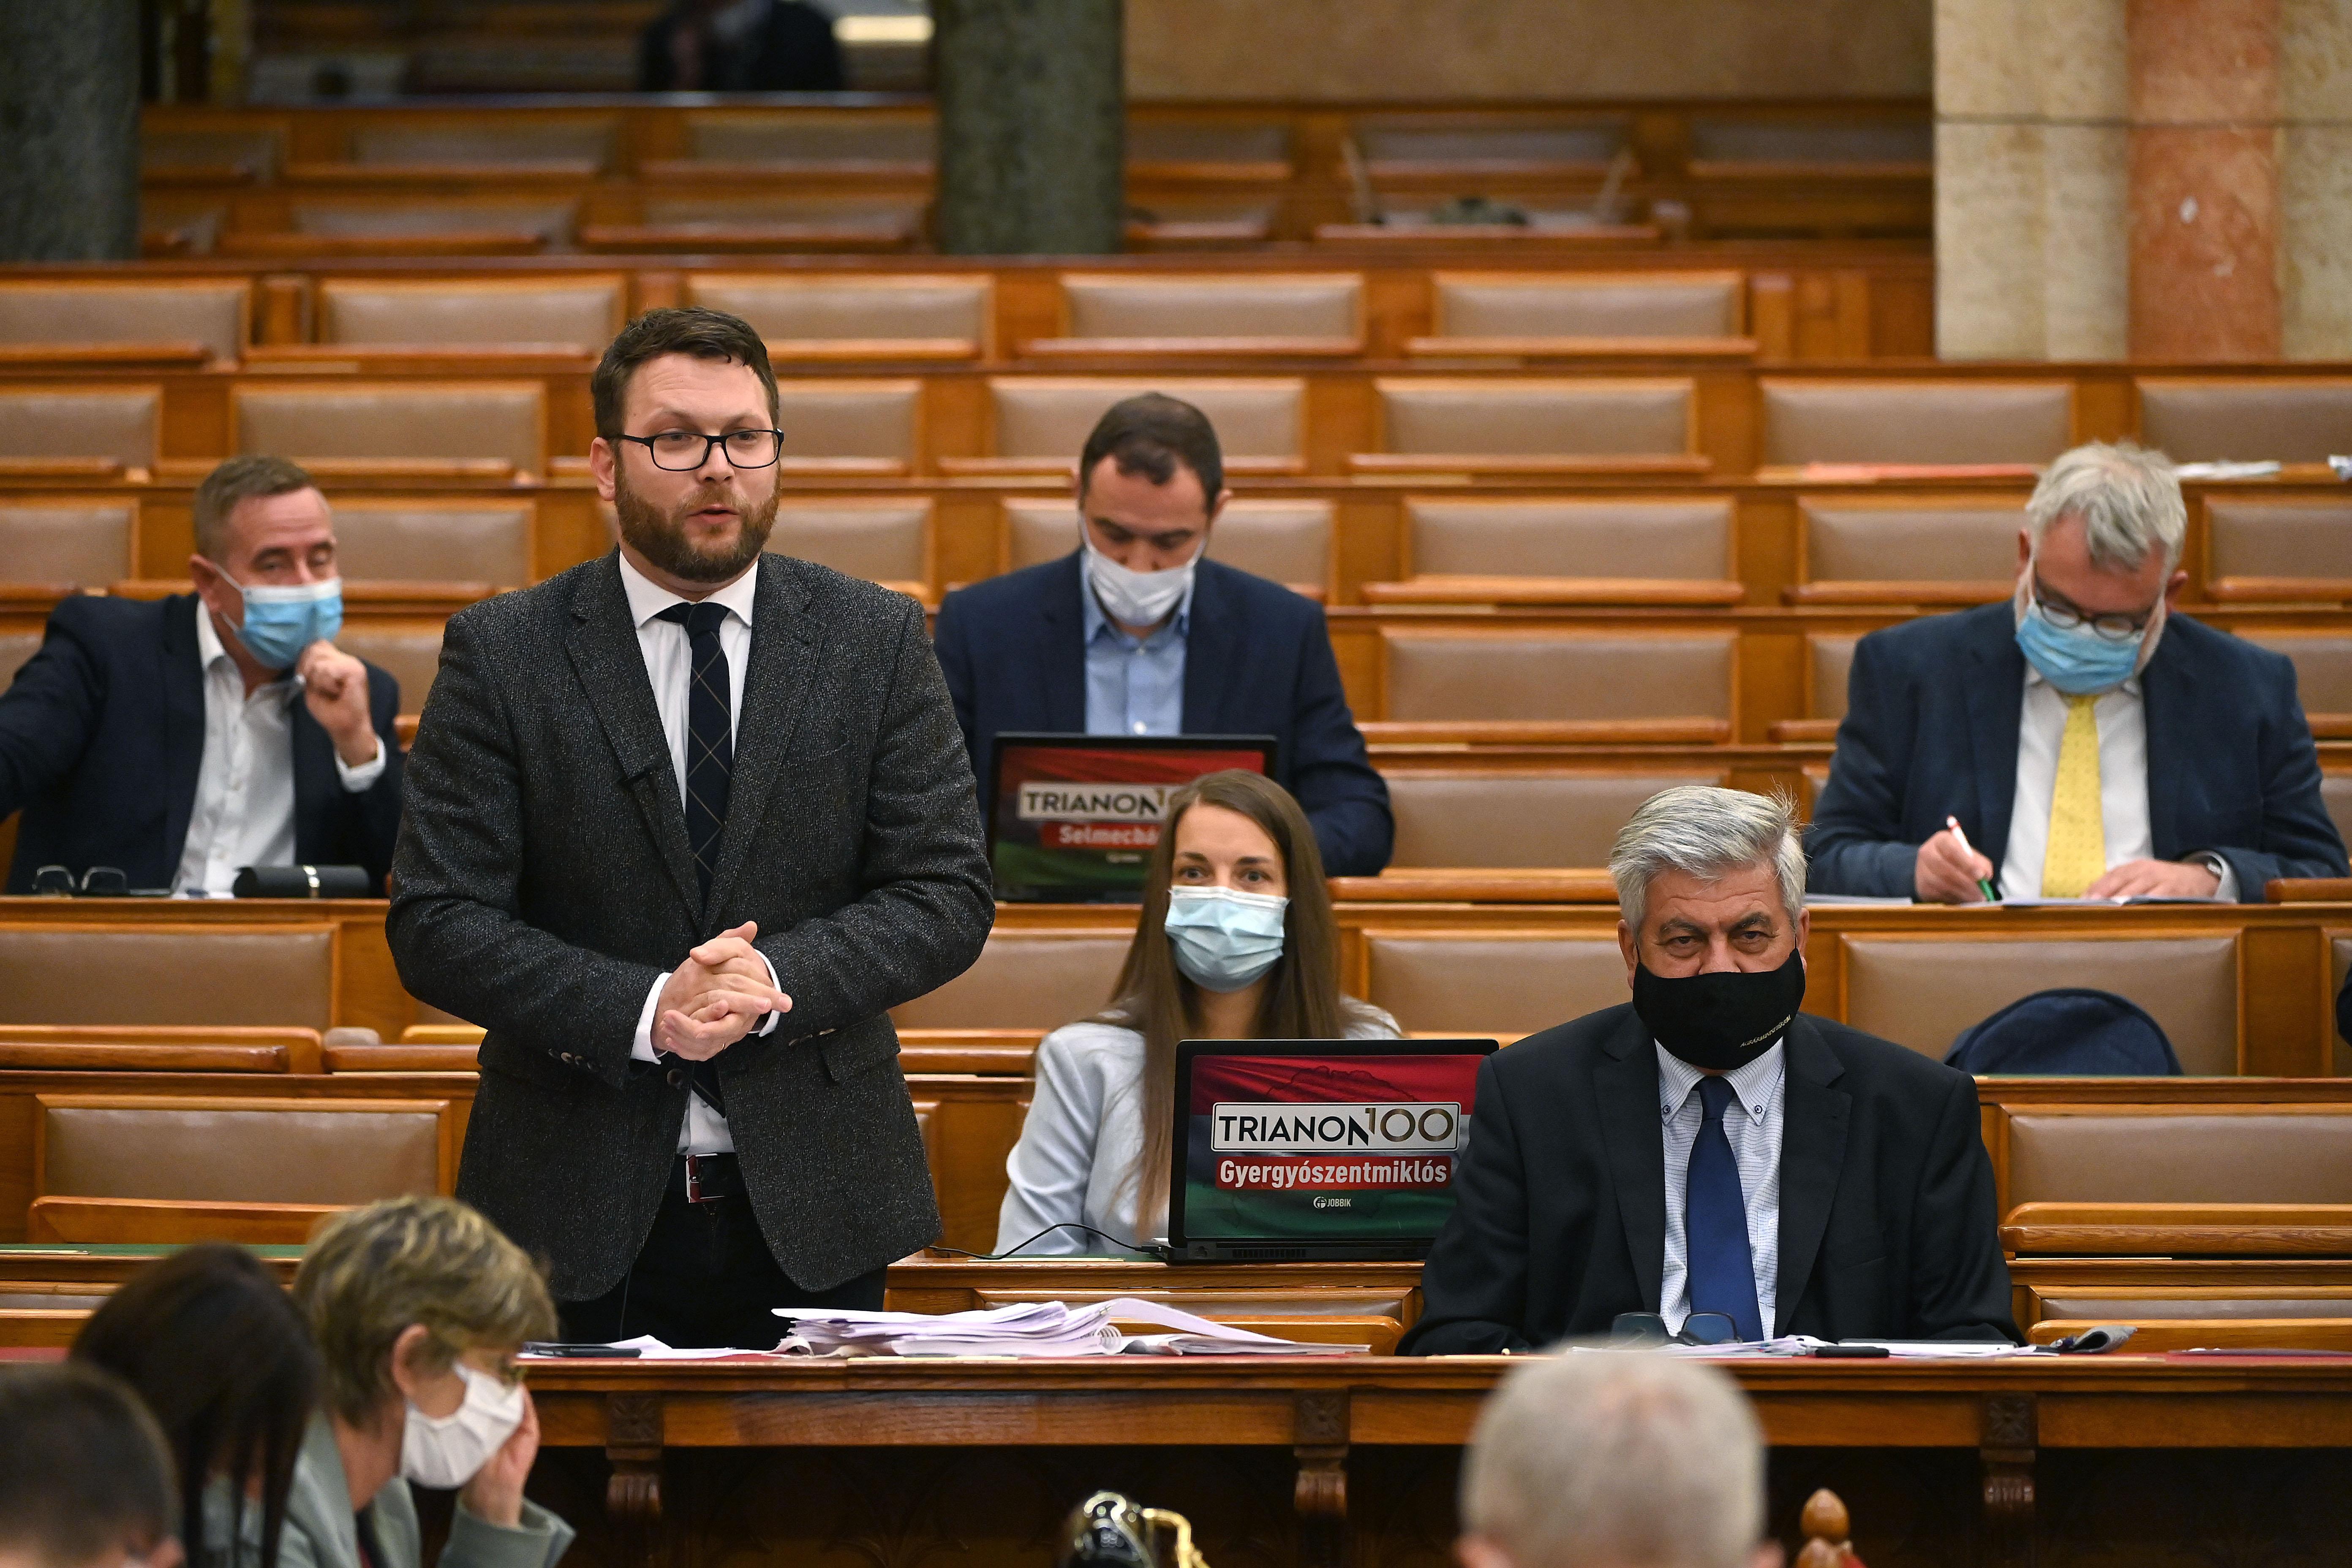 Szájer, járványkezelés, Soros-galaxis – a 9. alkotmánymódosításról vitáznak a parlamentben